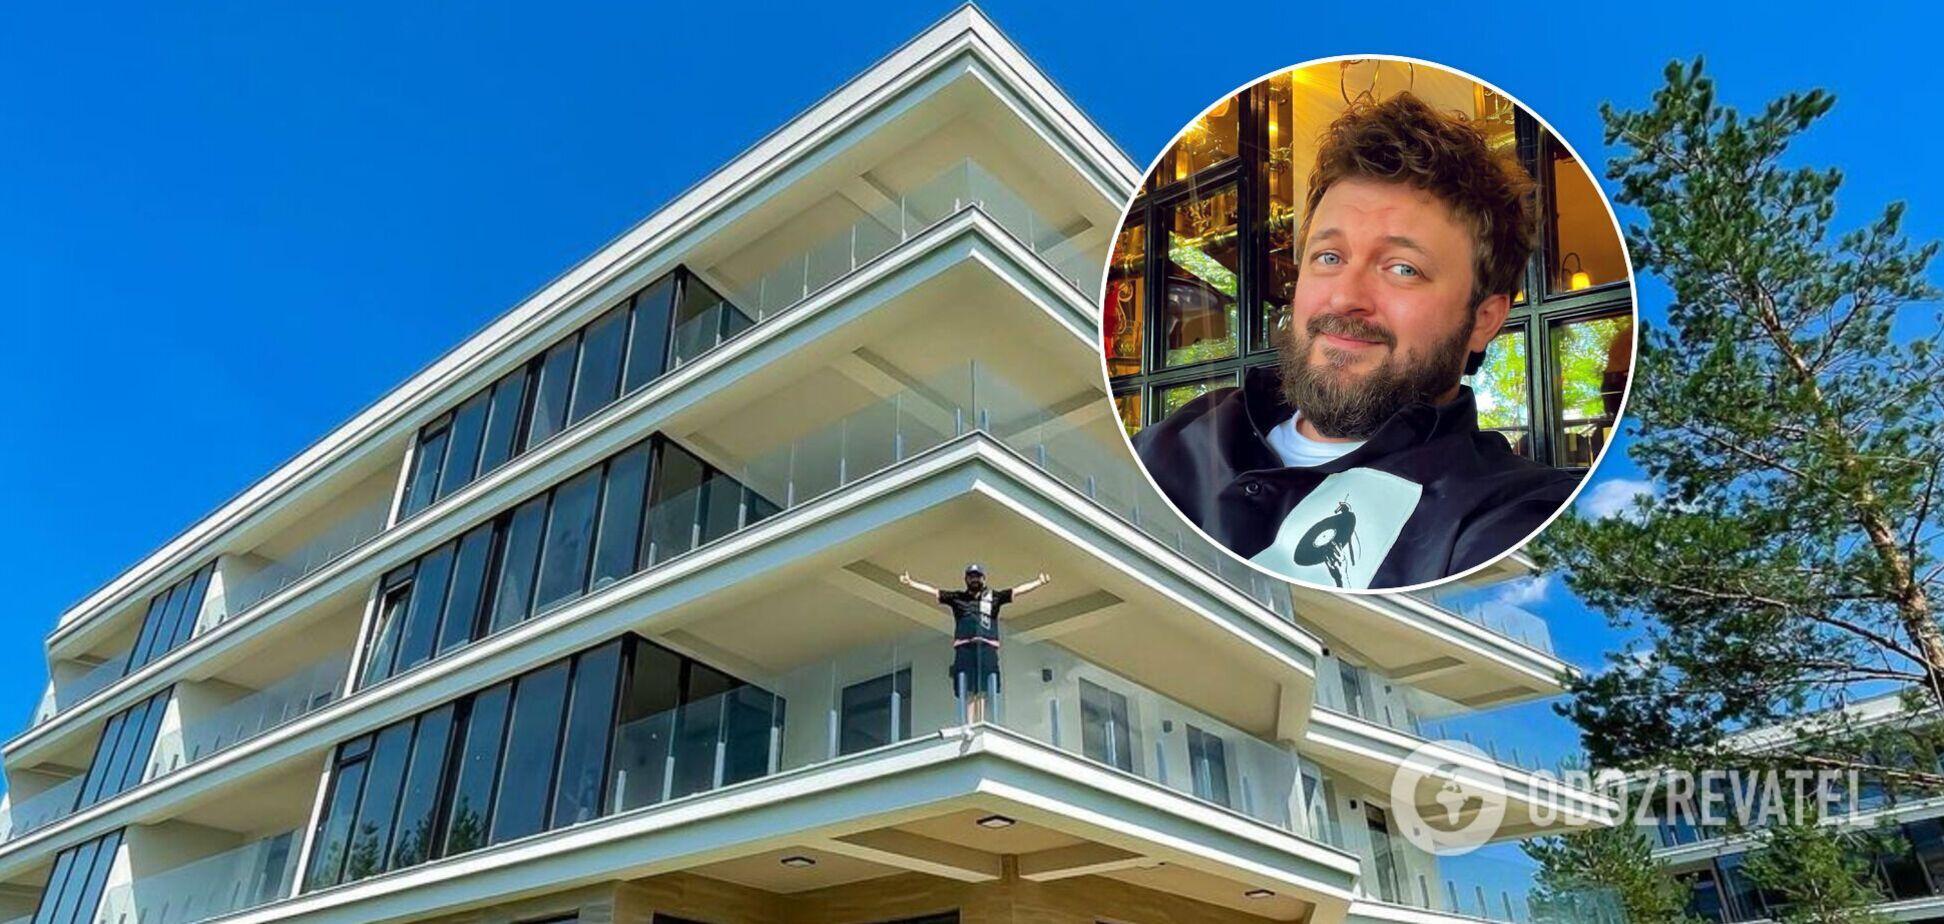 DZIDZIO подарил бывшей жене квартиру под Киевом: 150 кв. м с видом на озеро. Фото